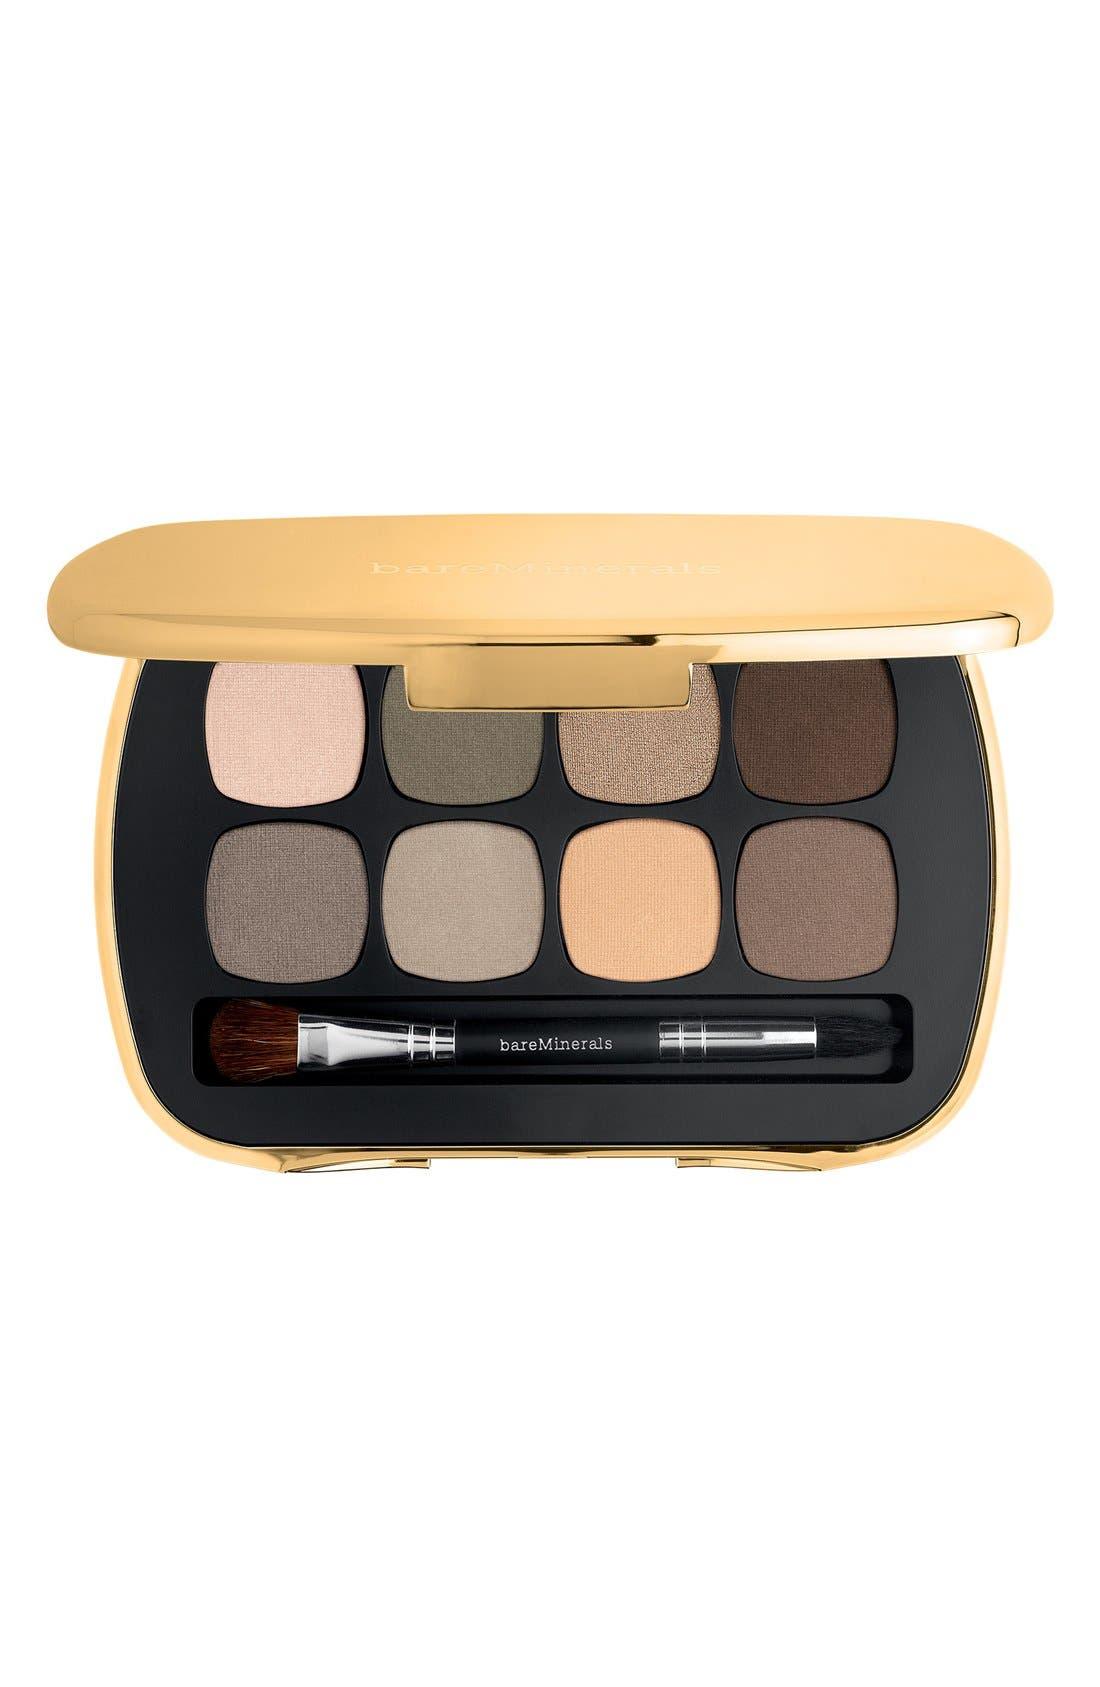 bareMinerals® READY 8.0 The Power Neutrals Eyeshadow Palette